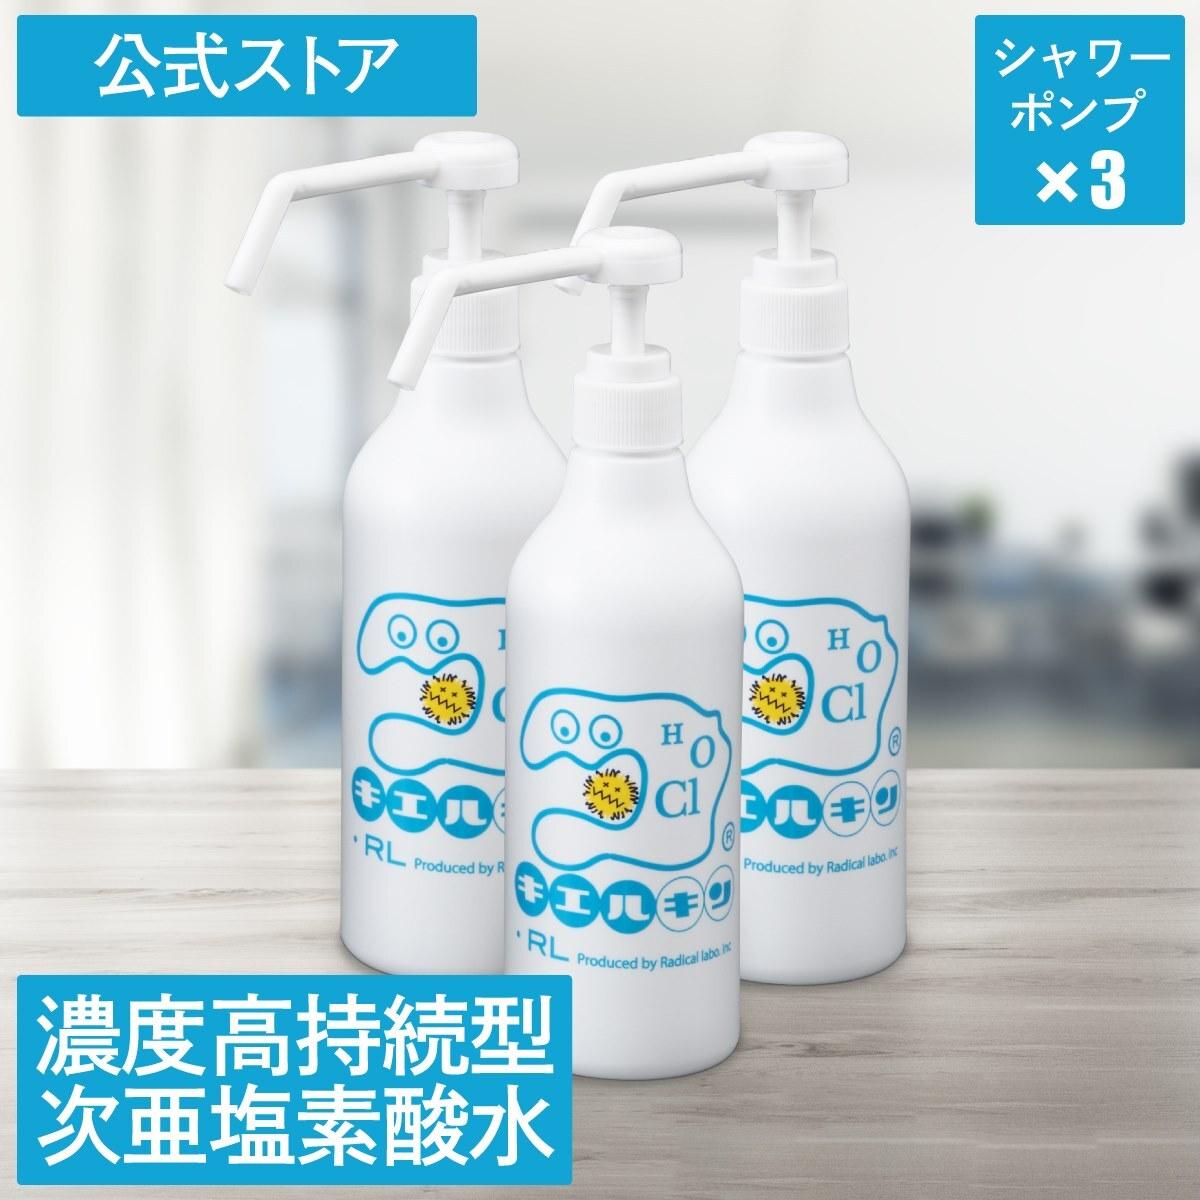 【即日発送】キエルキン500mlシャワーボトル3本セット 次亜塩素酸水溶液(強力除菌・消臭)【送料無料】